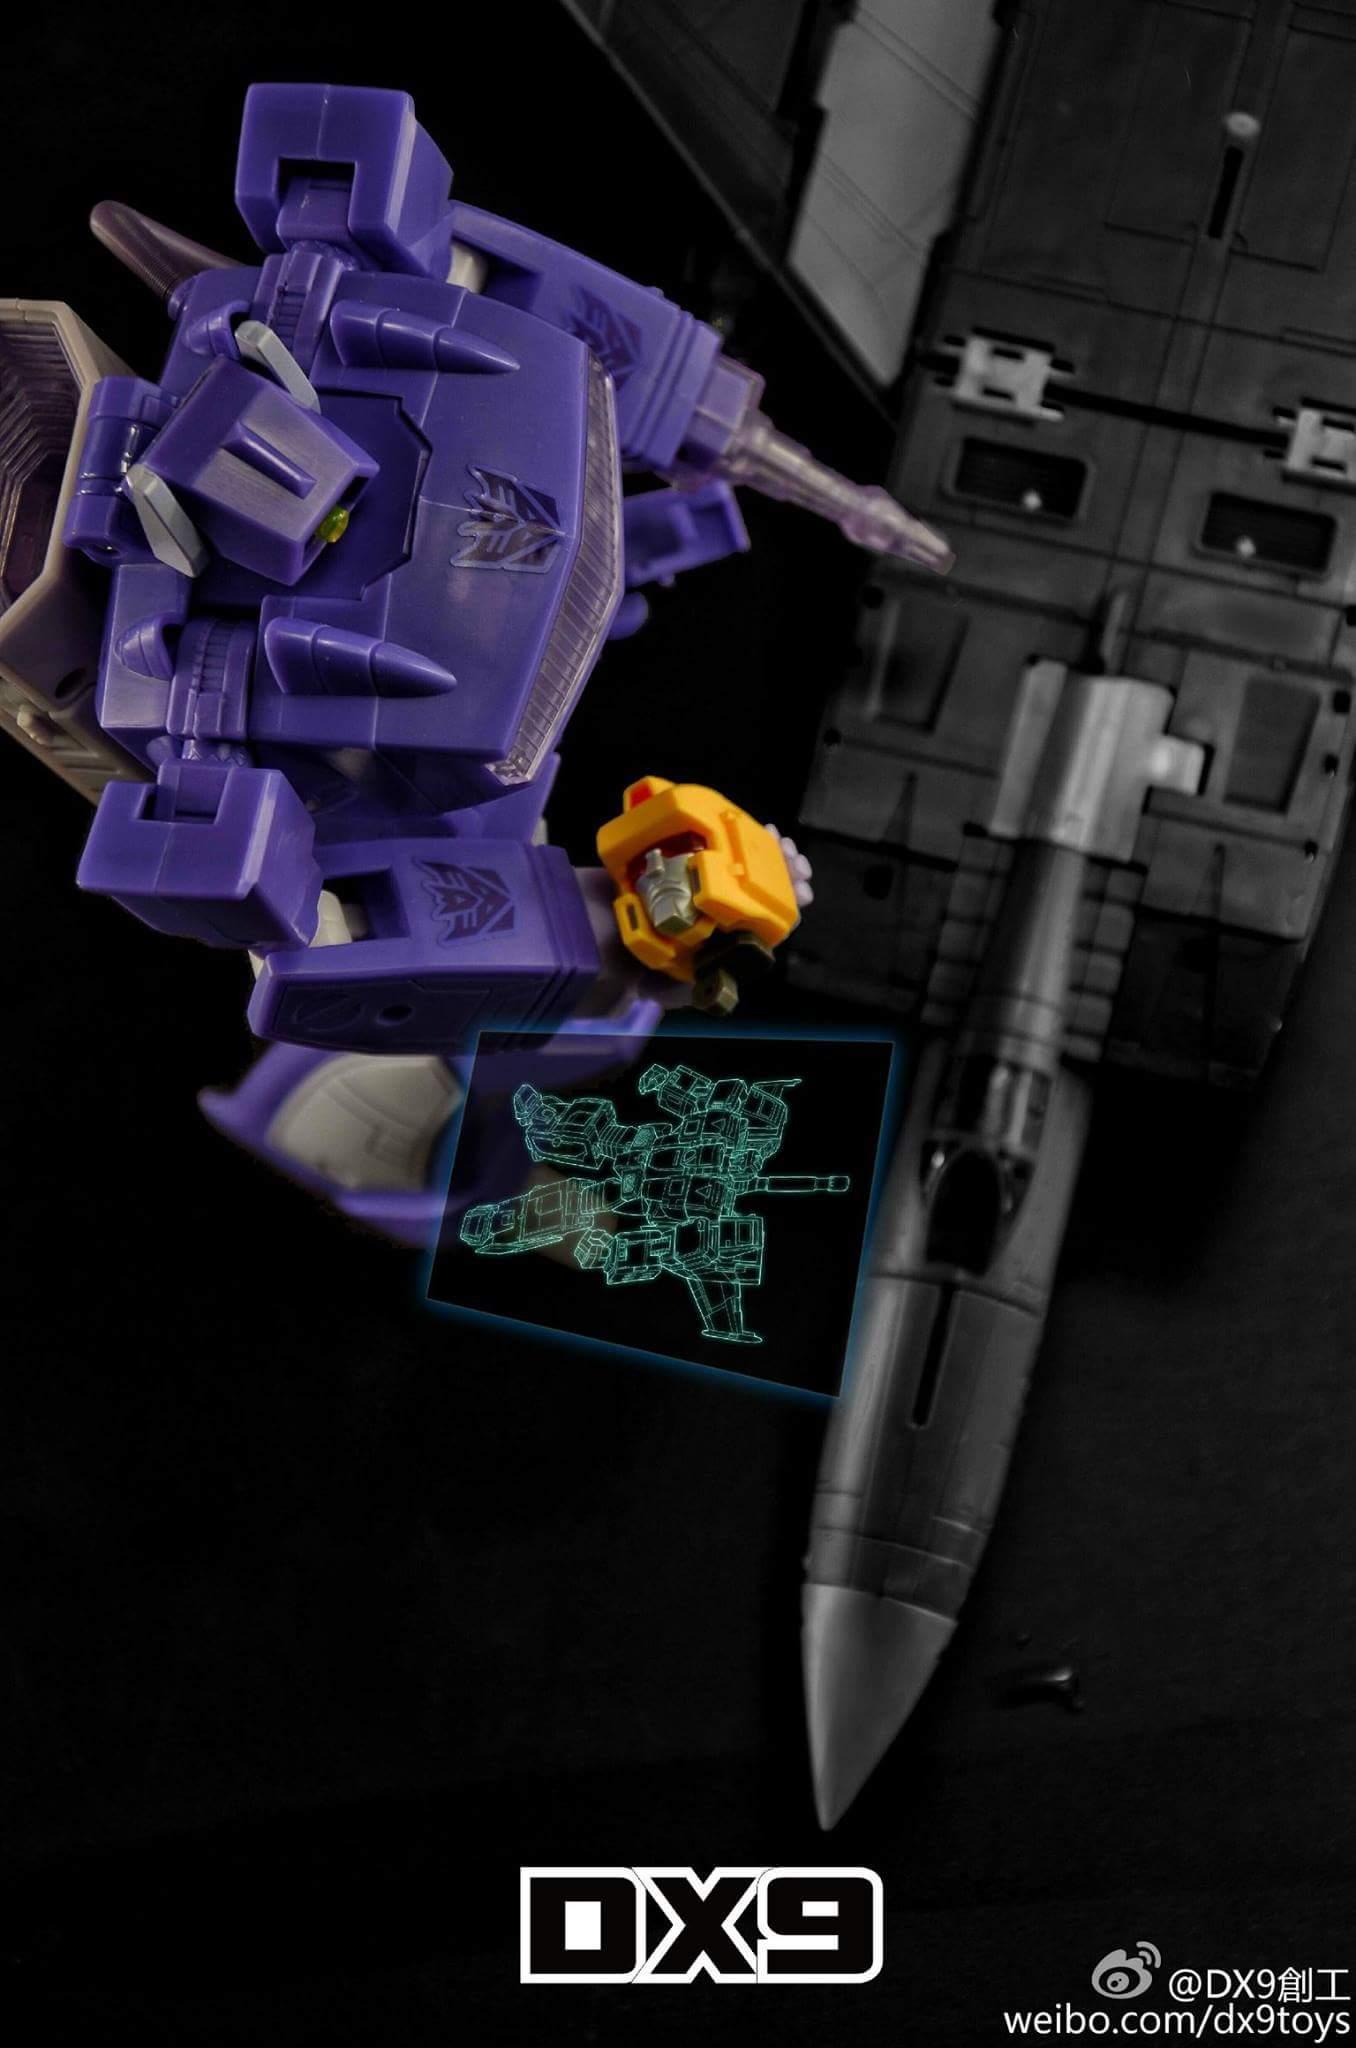 [DX9 Toys] Produit Tiers D-08 Gewalt - aka Blitzwing/Le Blitz PWPnSW0V